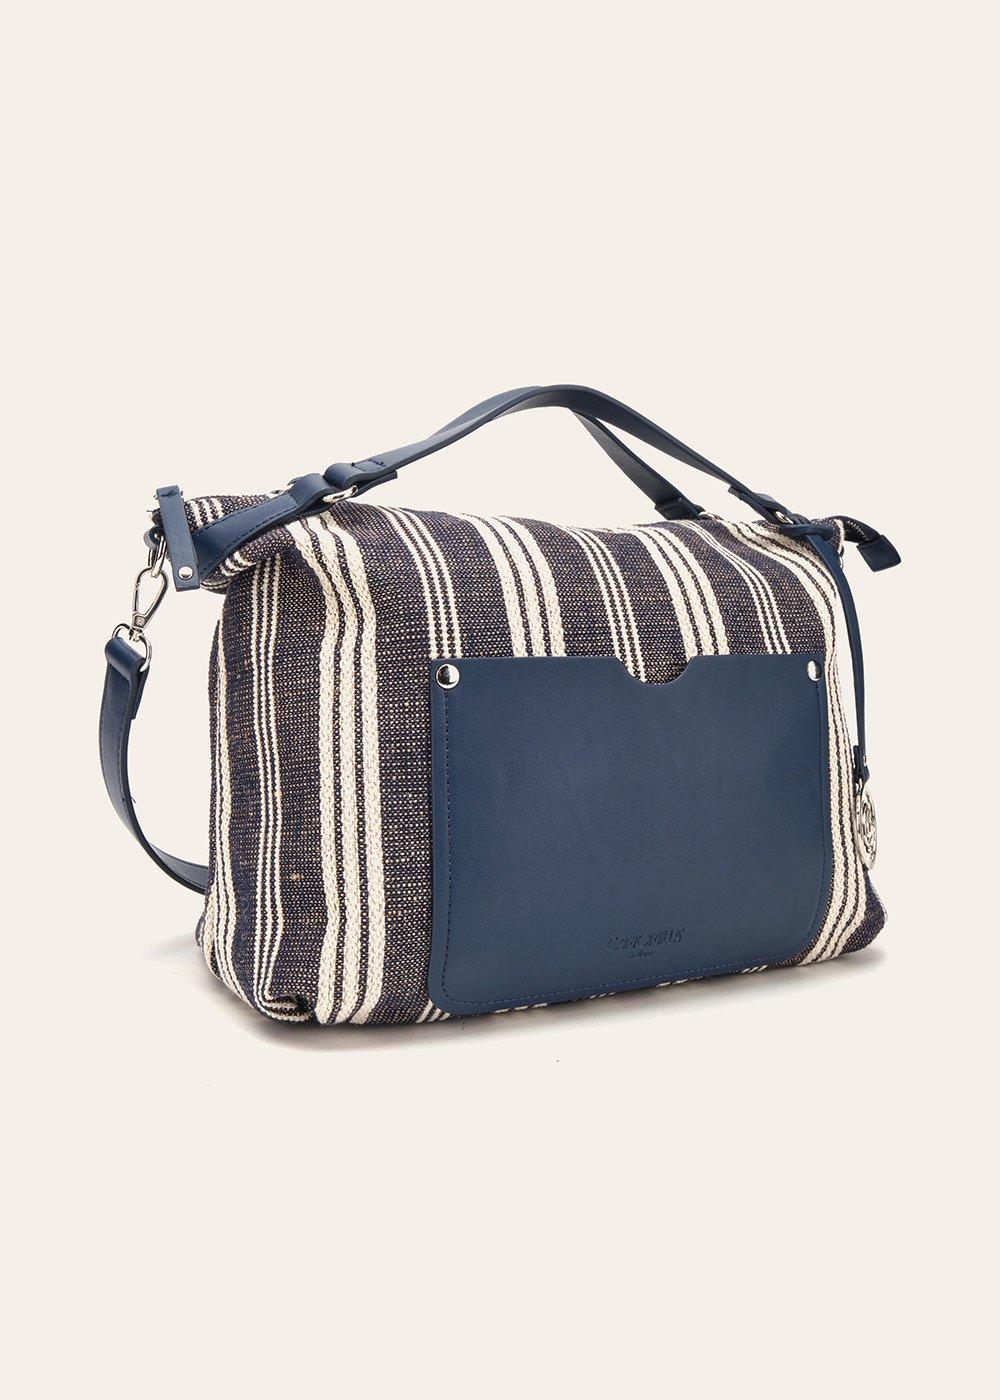 Borsa Beryl in tessuto con riporti di eco pelle - Dark Blue Stripes - Donna